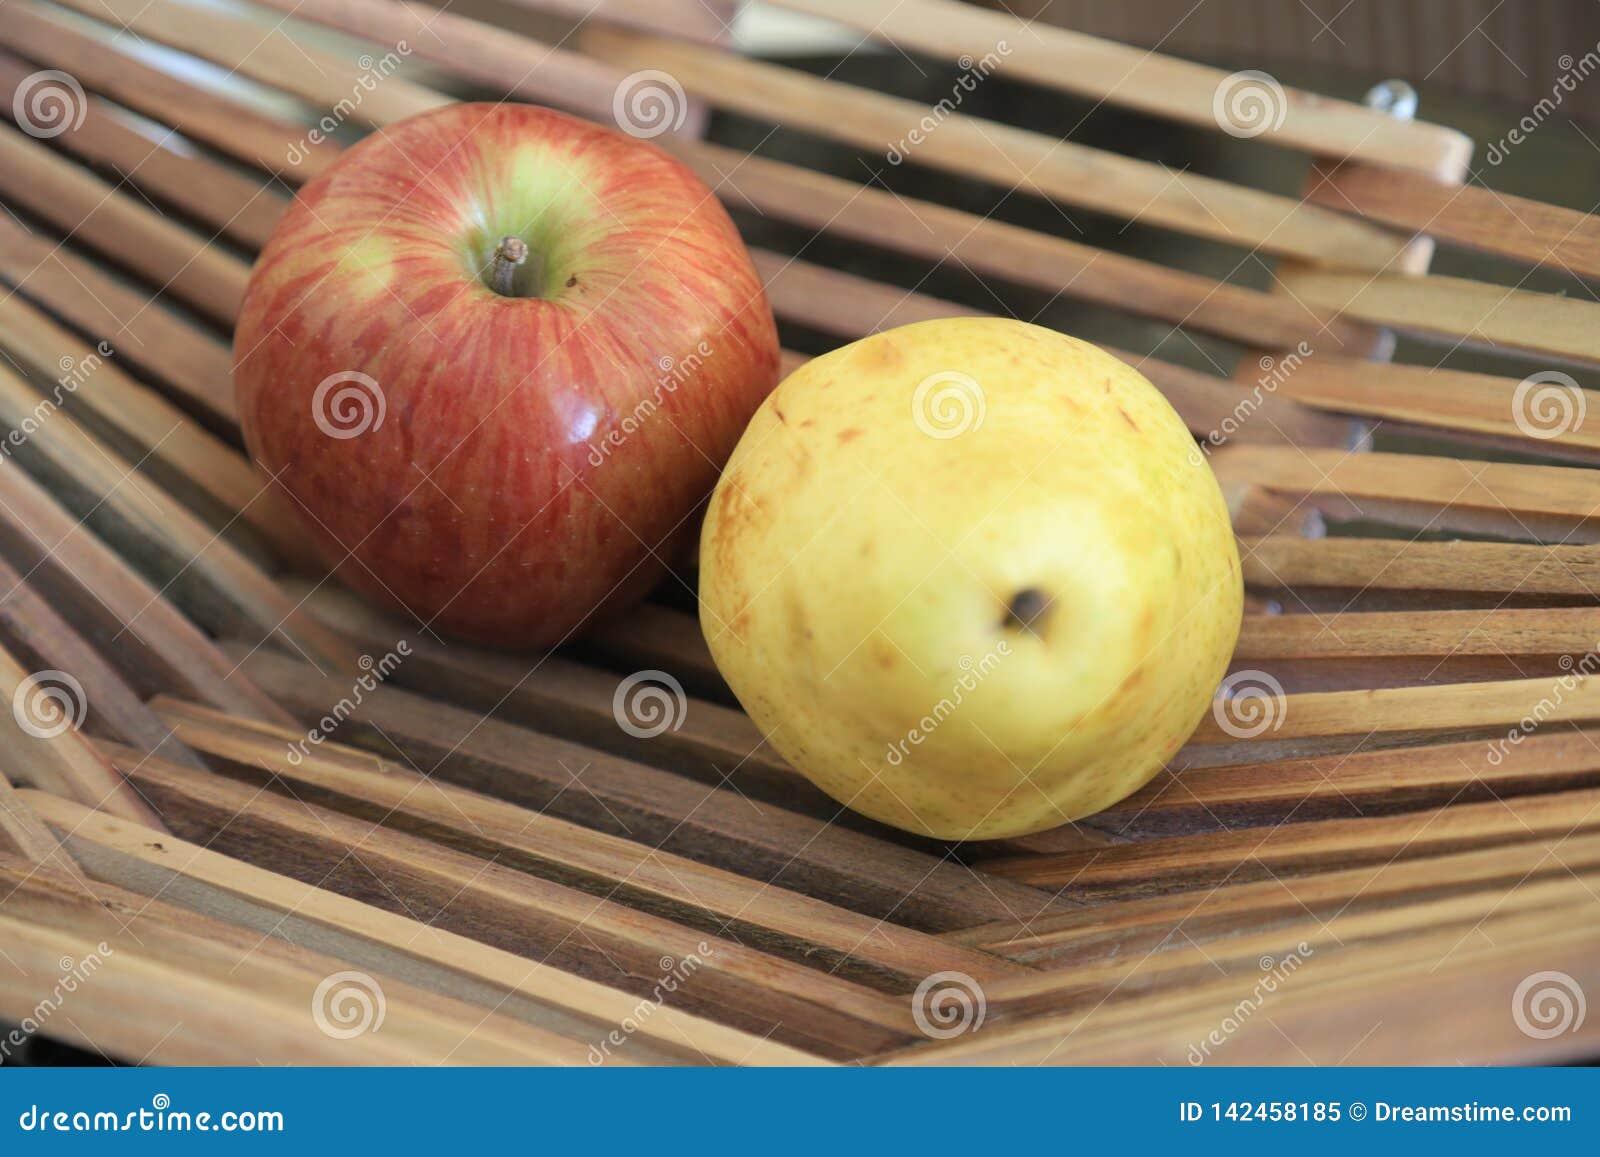 Μήλα σε ένα καλάθι στον ξύλινο πίνακα